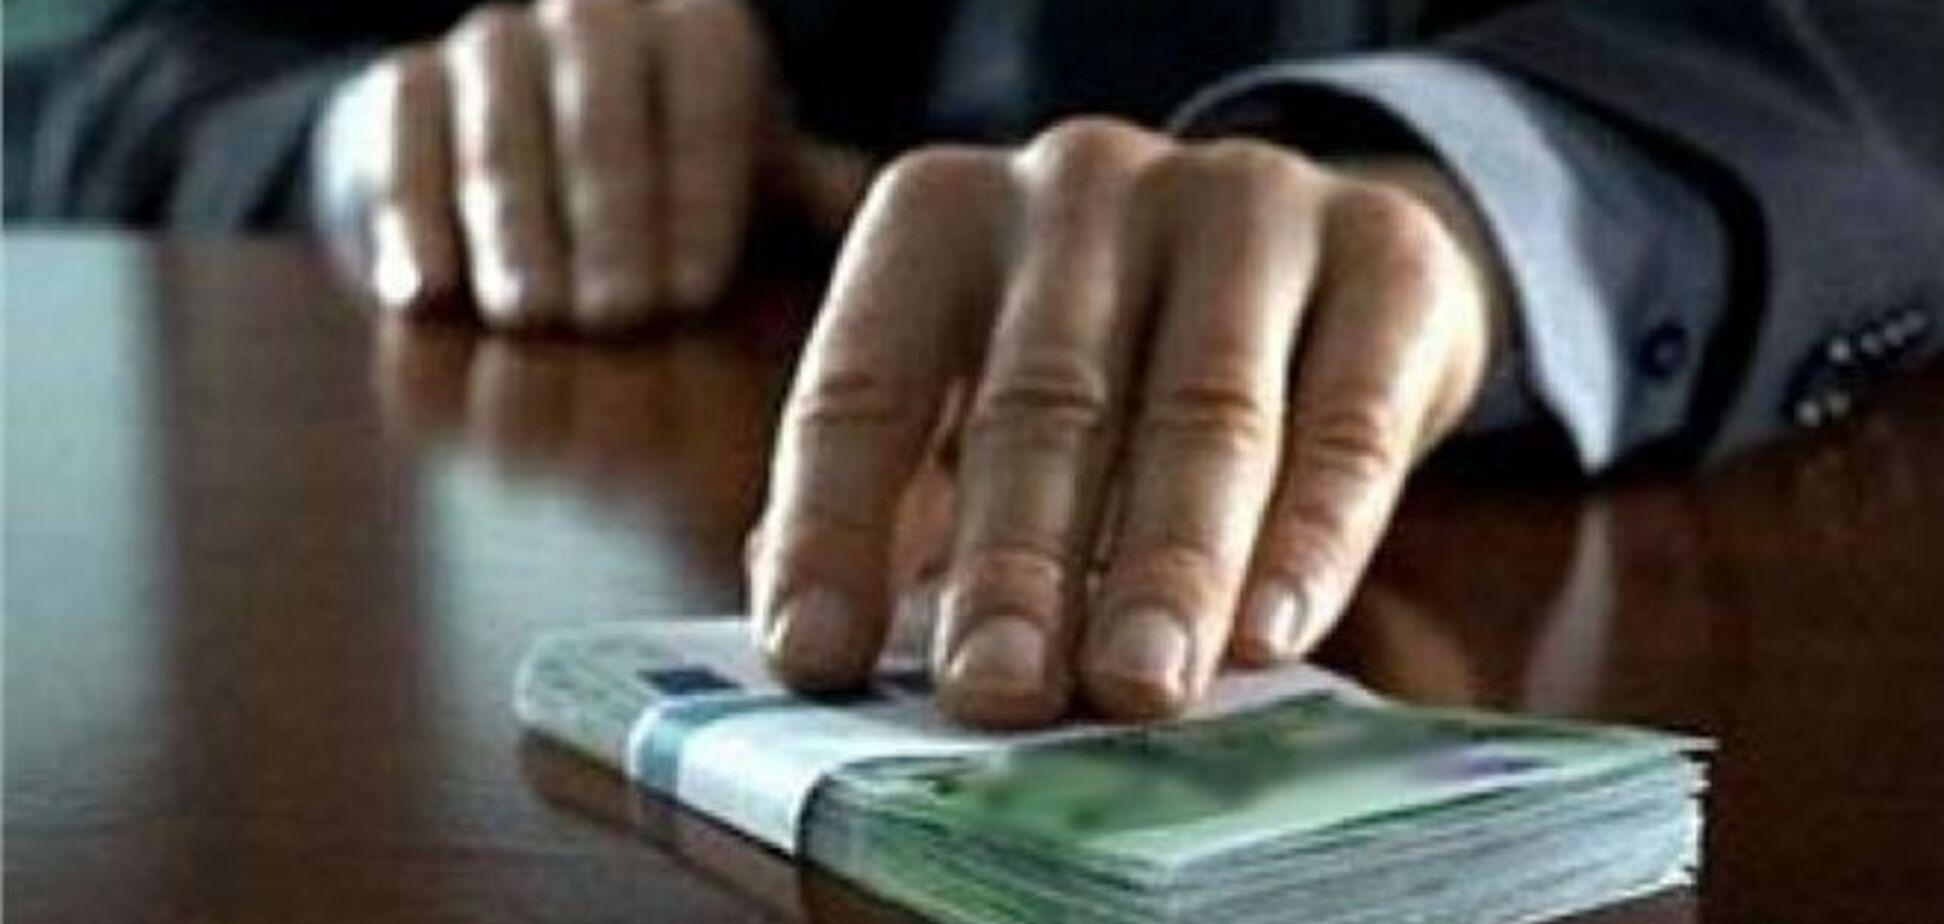 Чиновник попався на хабарі в 90 тис. грн